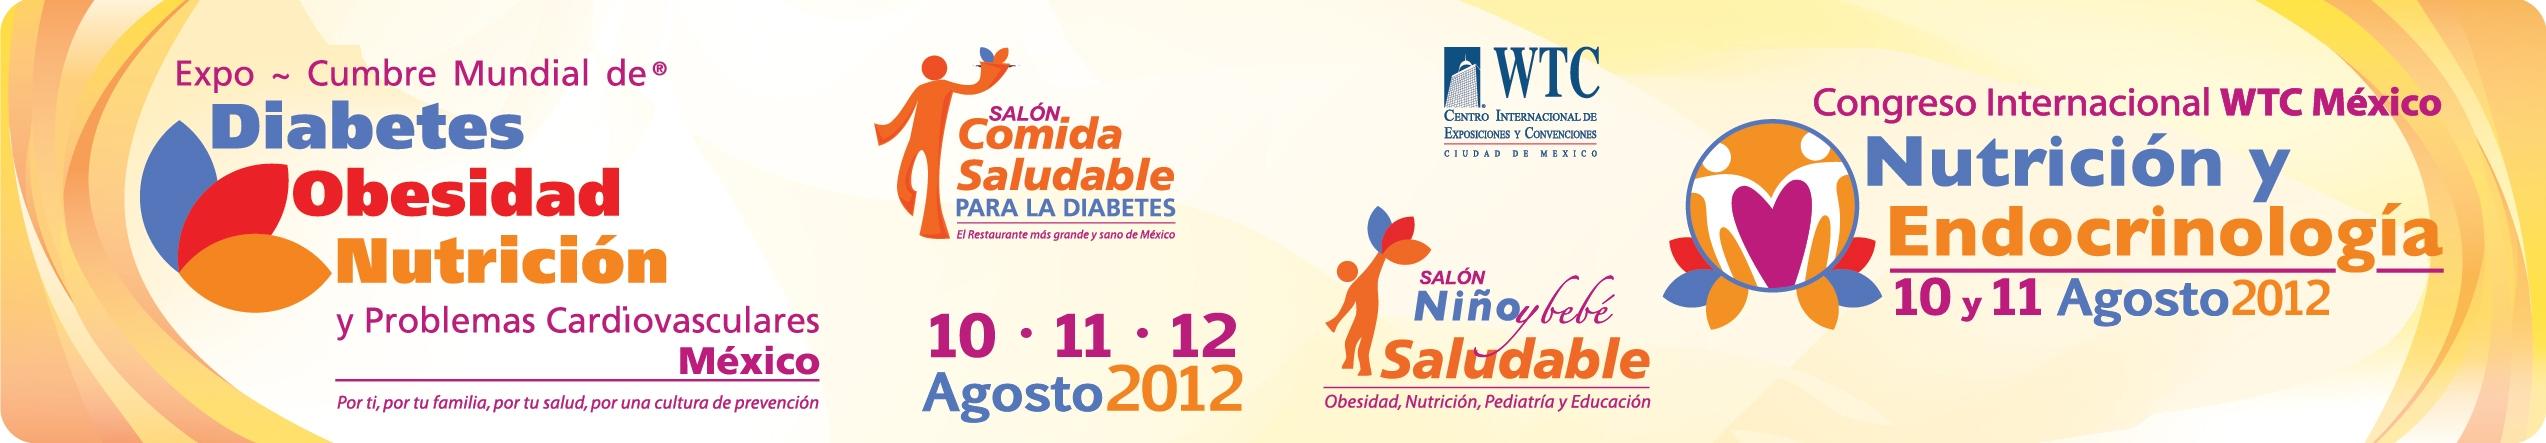 FUNIBER-México, presente en la Expo-Cumbre Mundial de Diabetes, Obesidad, Nutrición y Problemas Cardiovasculares 2012.